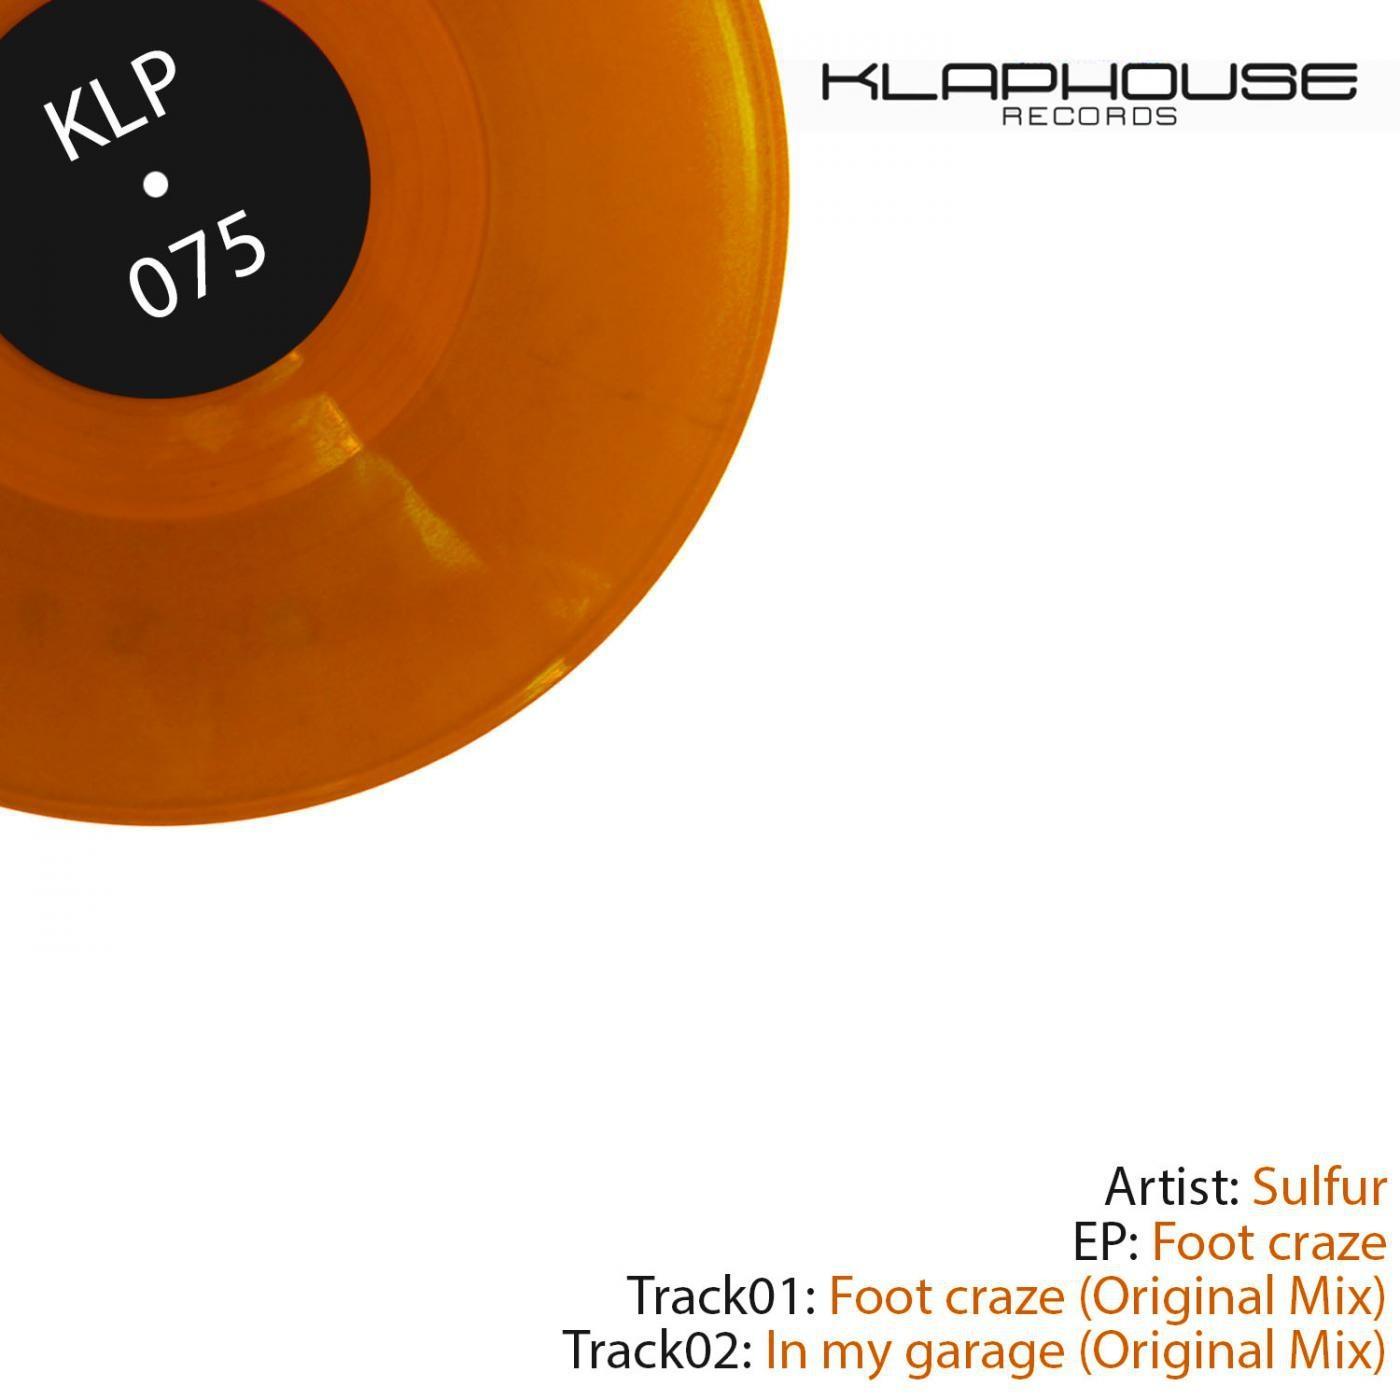 Sulfur - Foot Craze (Original mix)